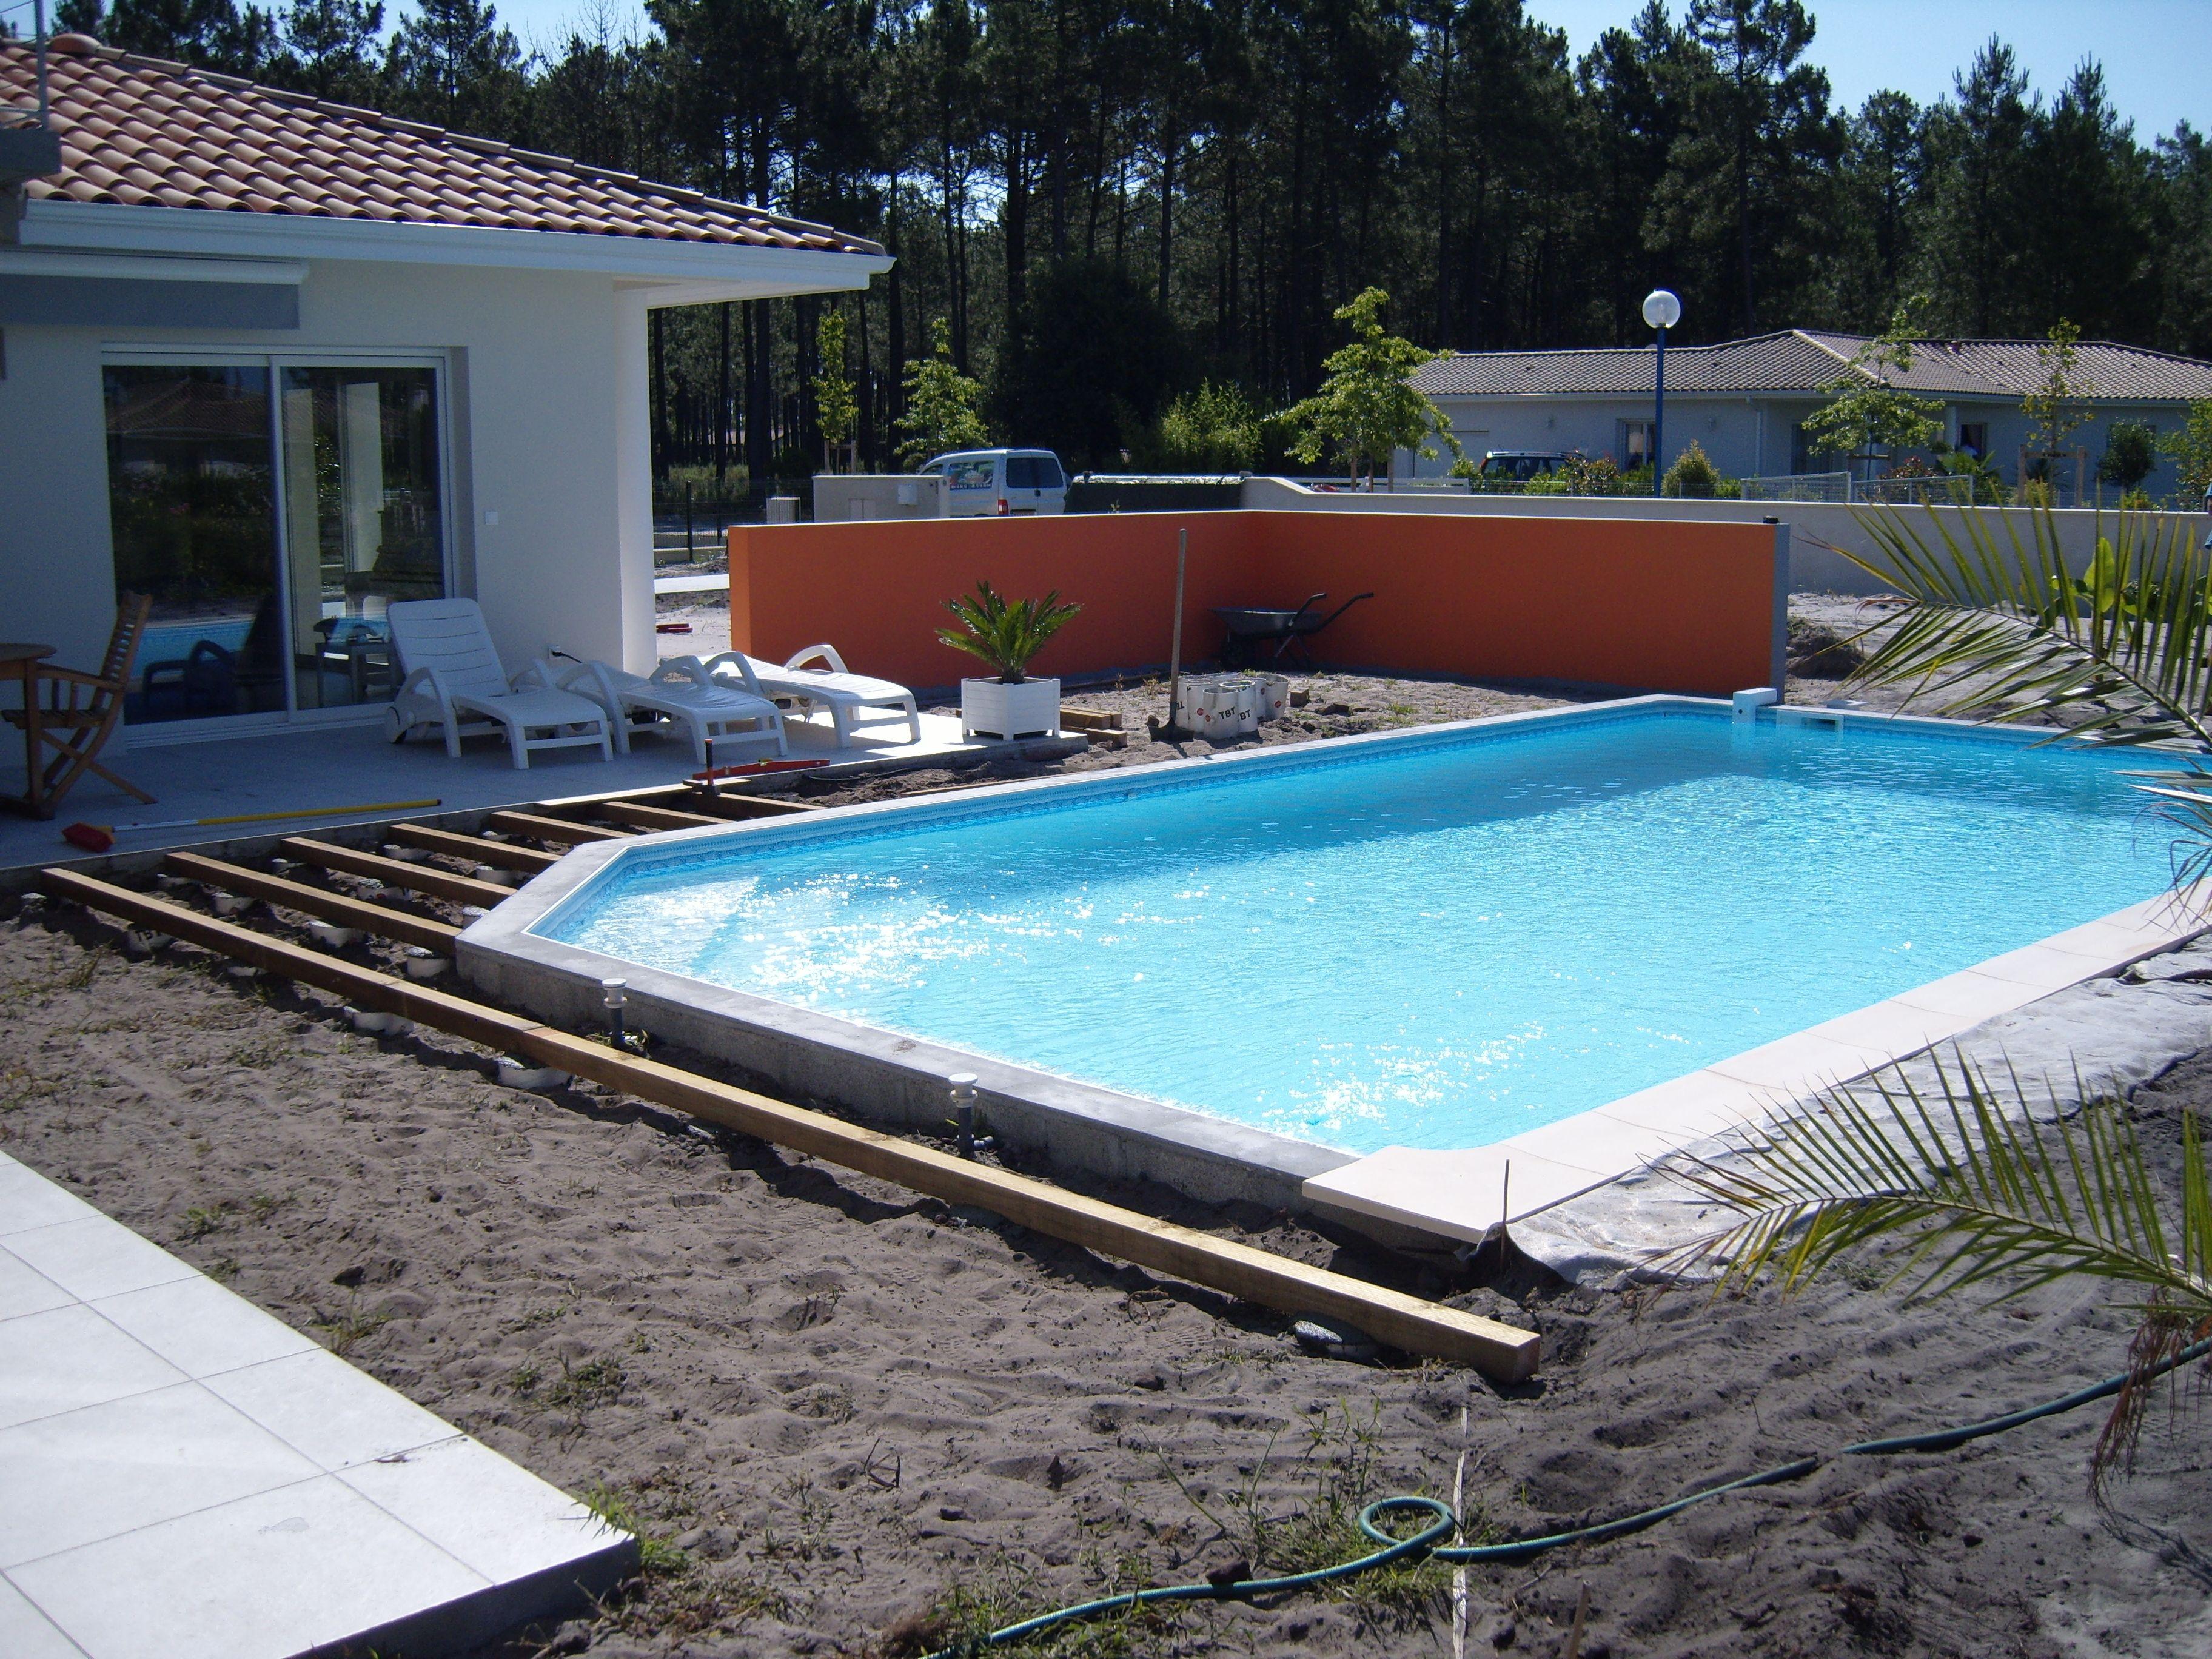 terrasse ip andernos les bains plage de piscine pr paration de la pose des chevrons sur. Black Bedroom Furniture Sets. Home Design Ideas